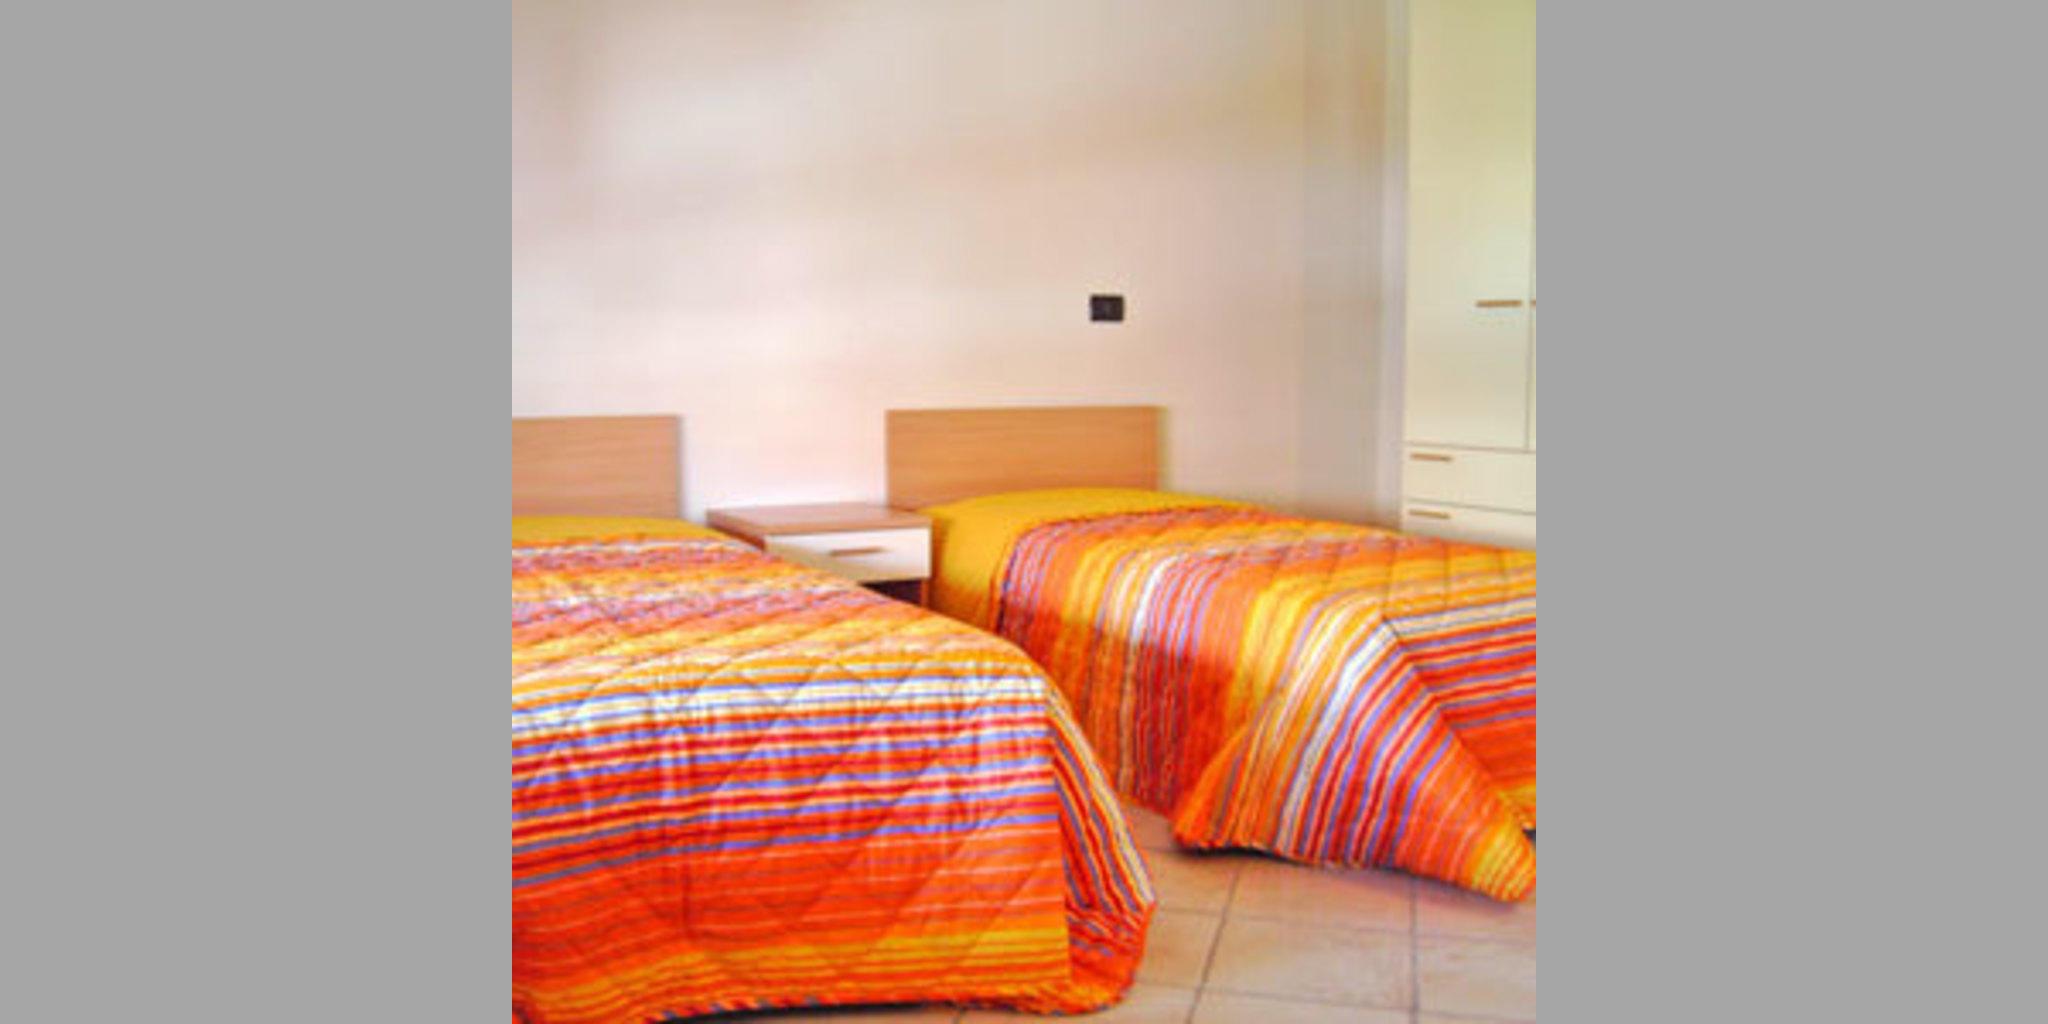 Bed & Breakfast Reggio Di Calabria - Cicerone 2